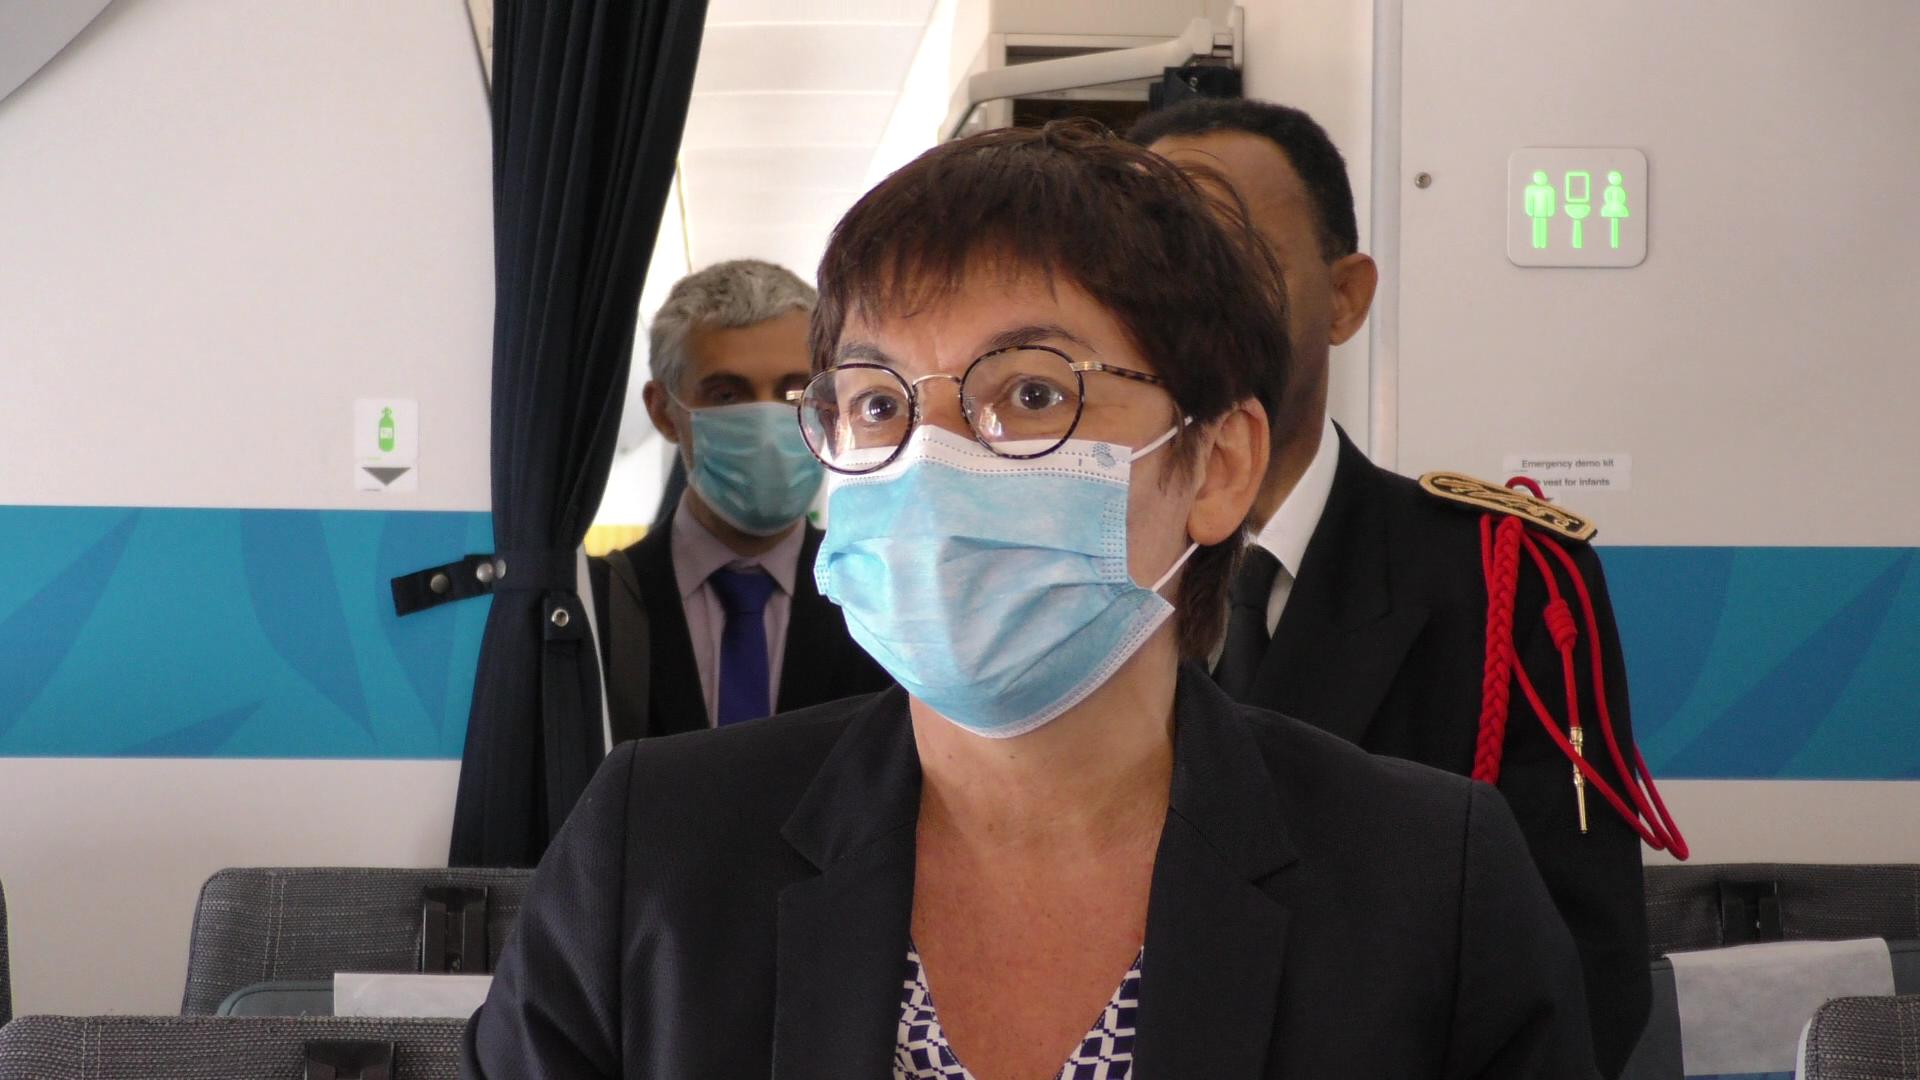 [Vidéo] Onews Hexagone.Des précisions de la Ministre des Outre mer sur les tarifs accordés aux étudiants ultramarins